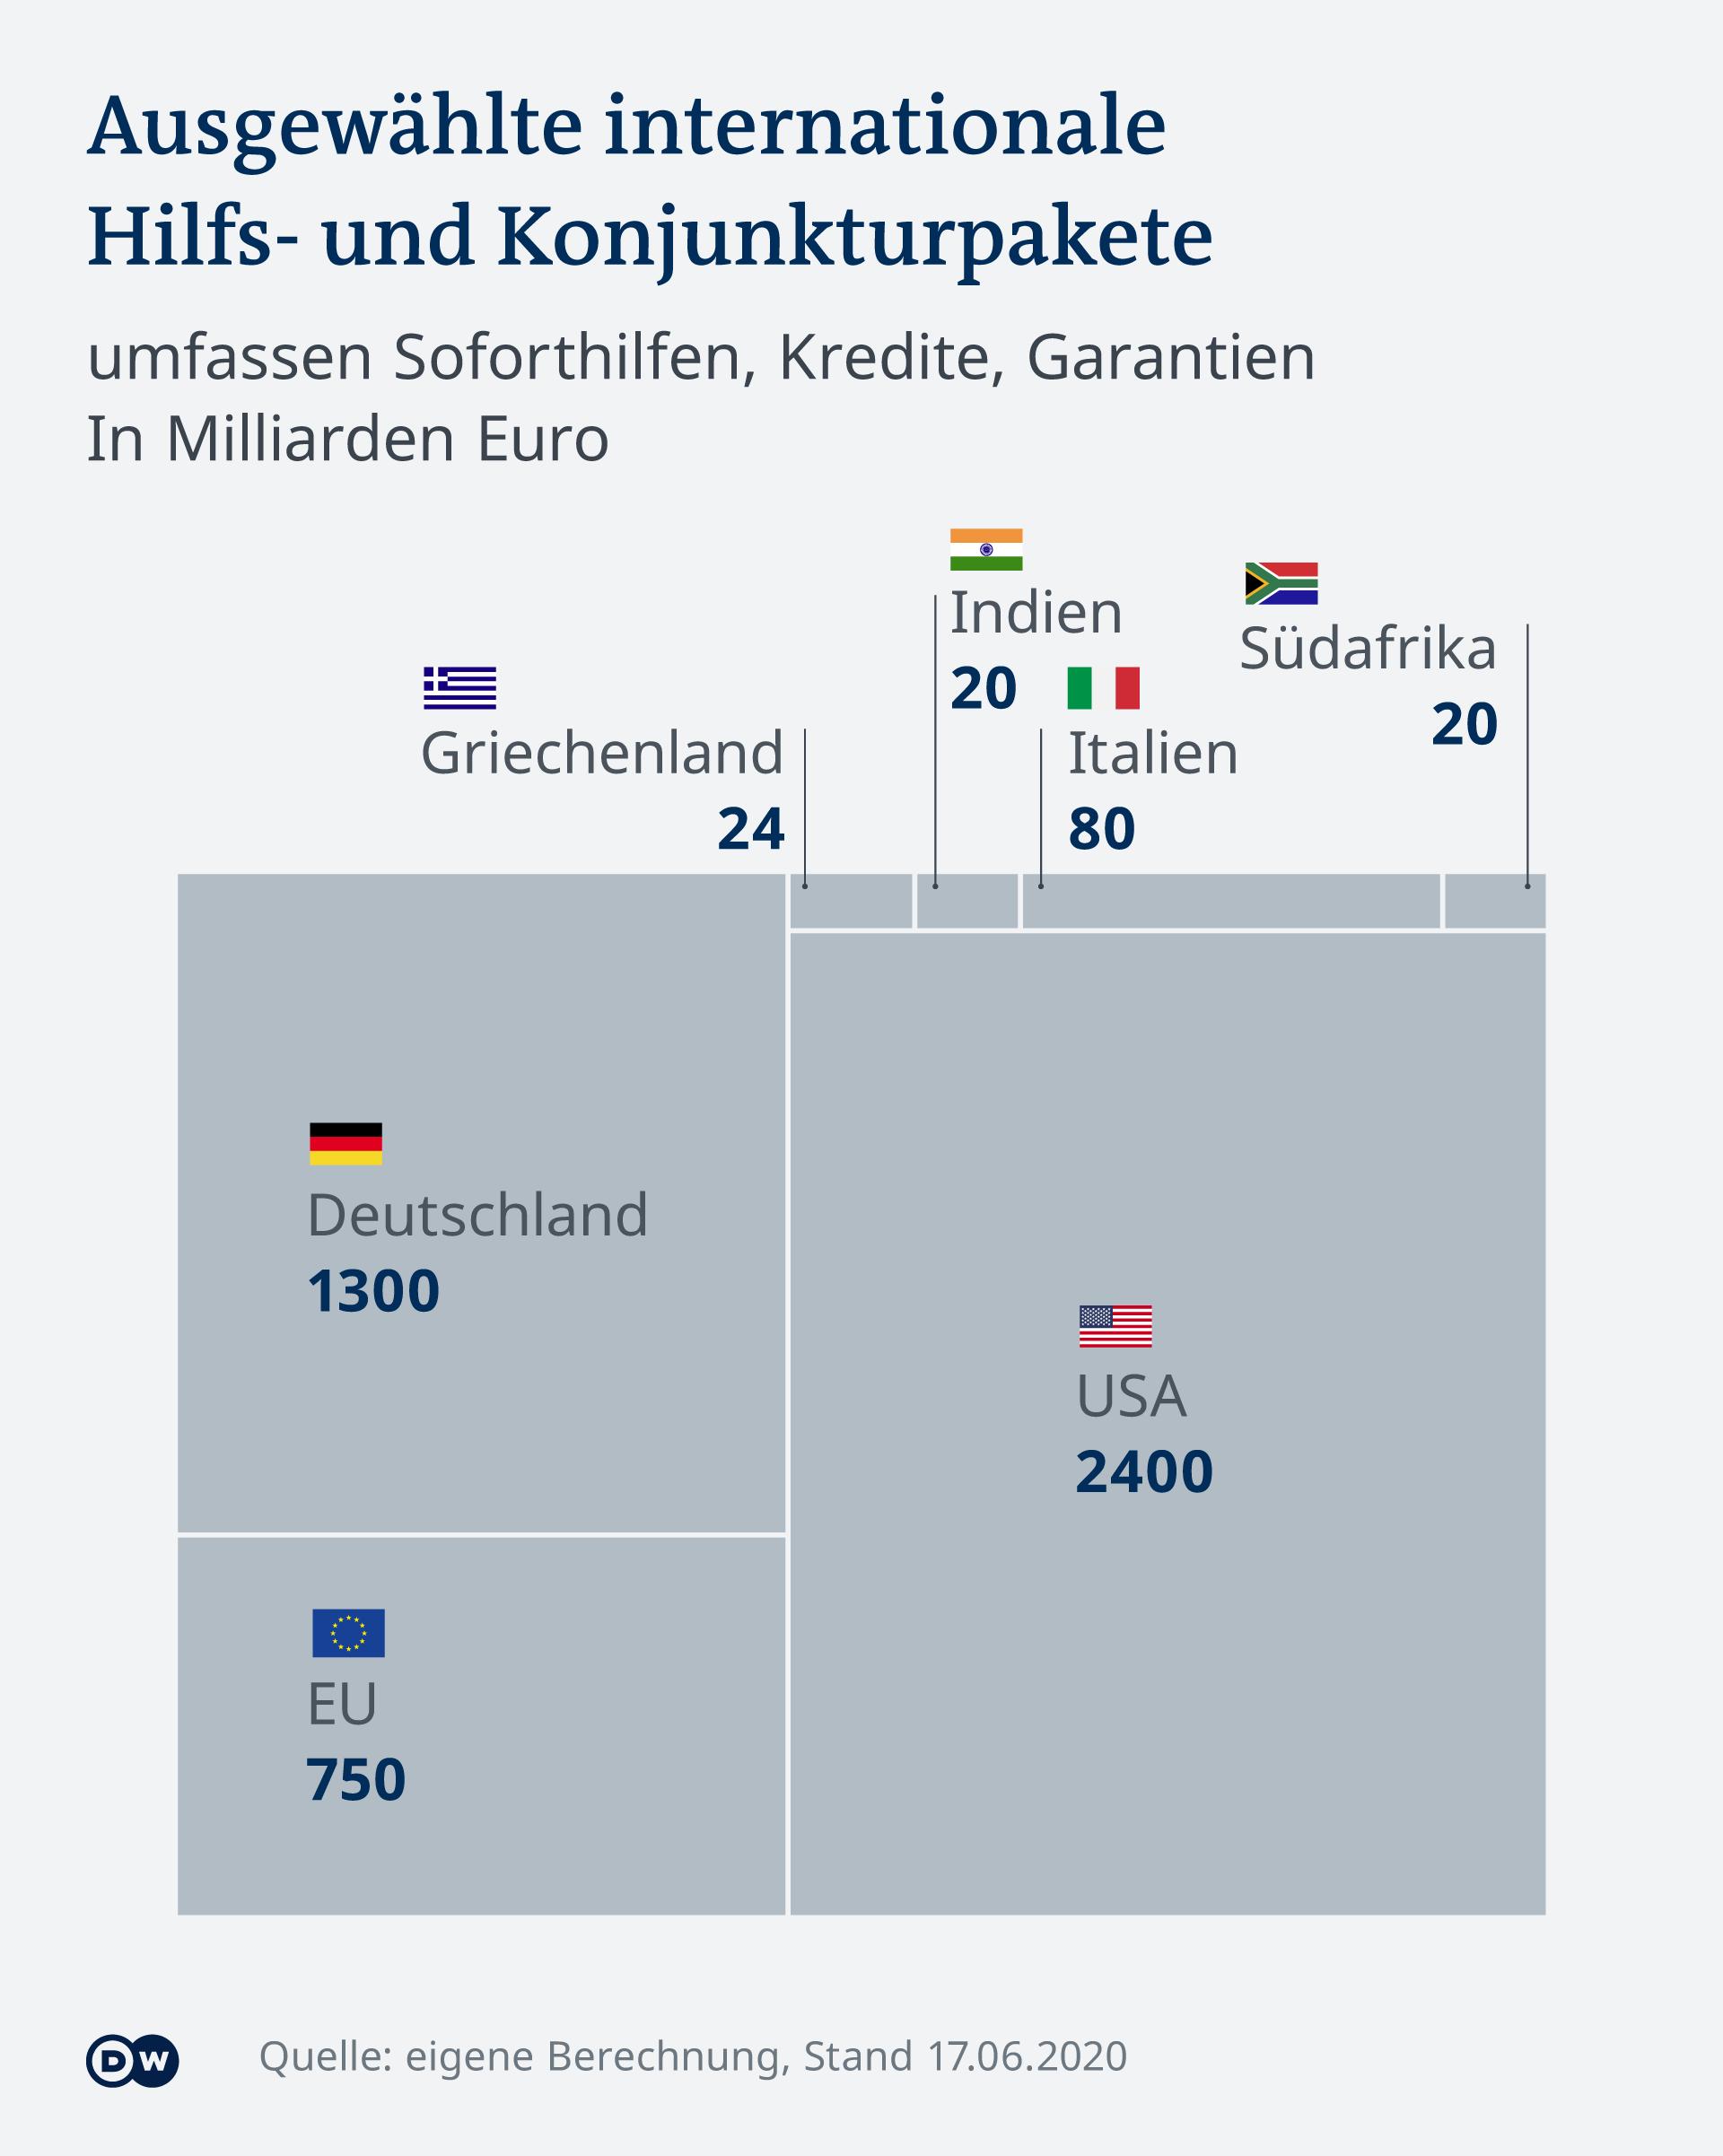 Infografik internationale Hilfs- und Konjunkturpakete